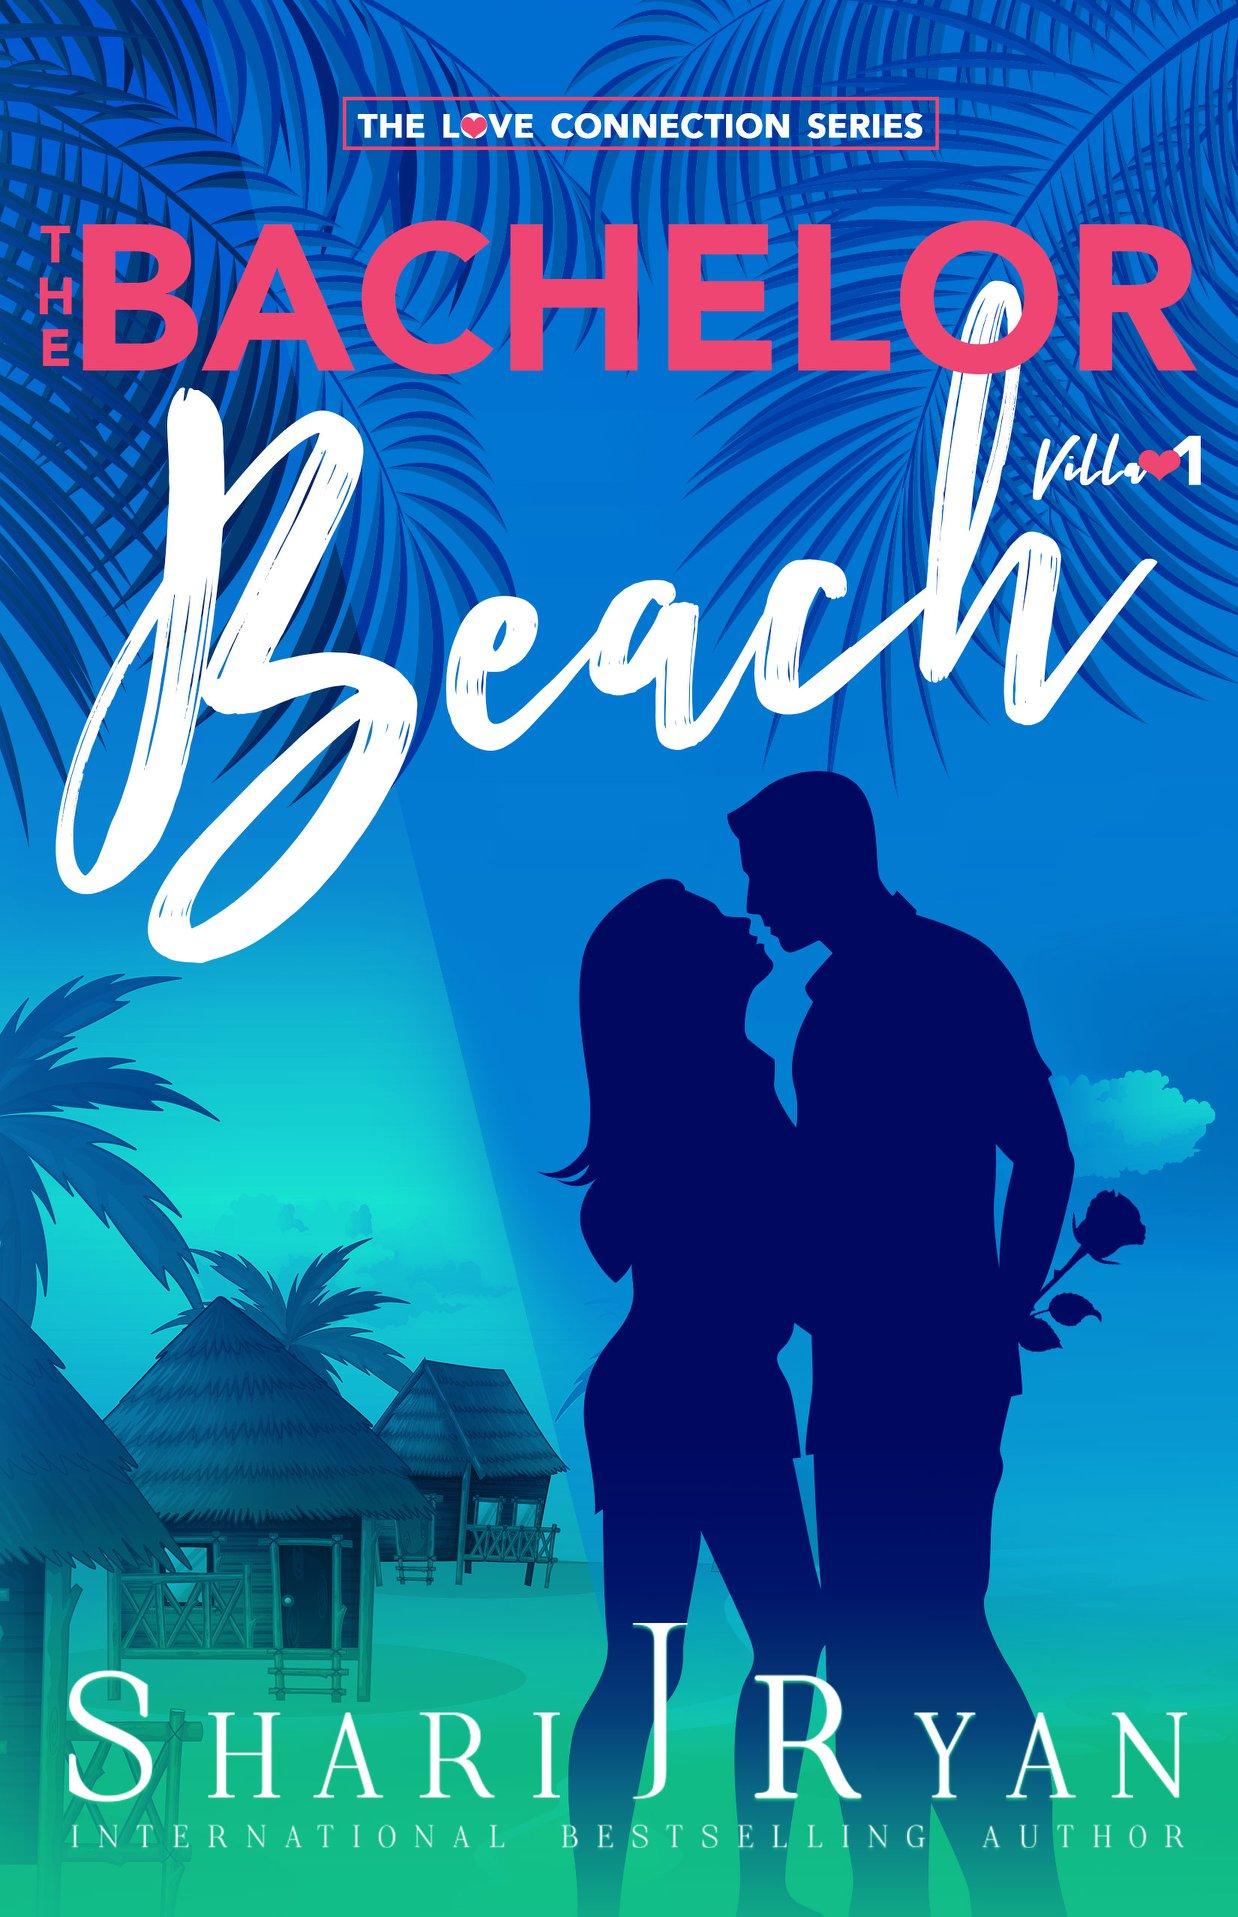 The Bachelor Beach - Villa 1 - By: Shari J Ryan